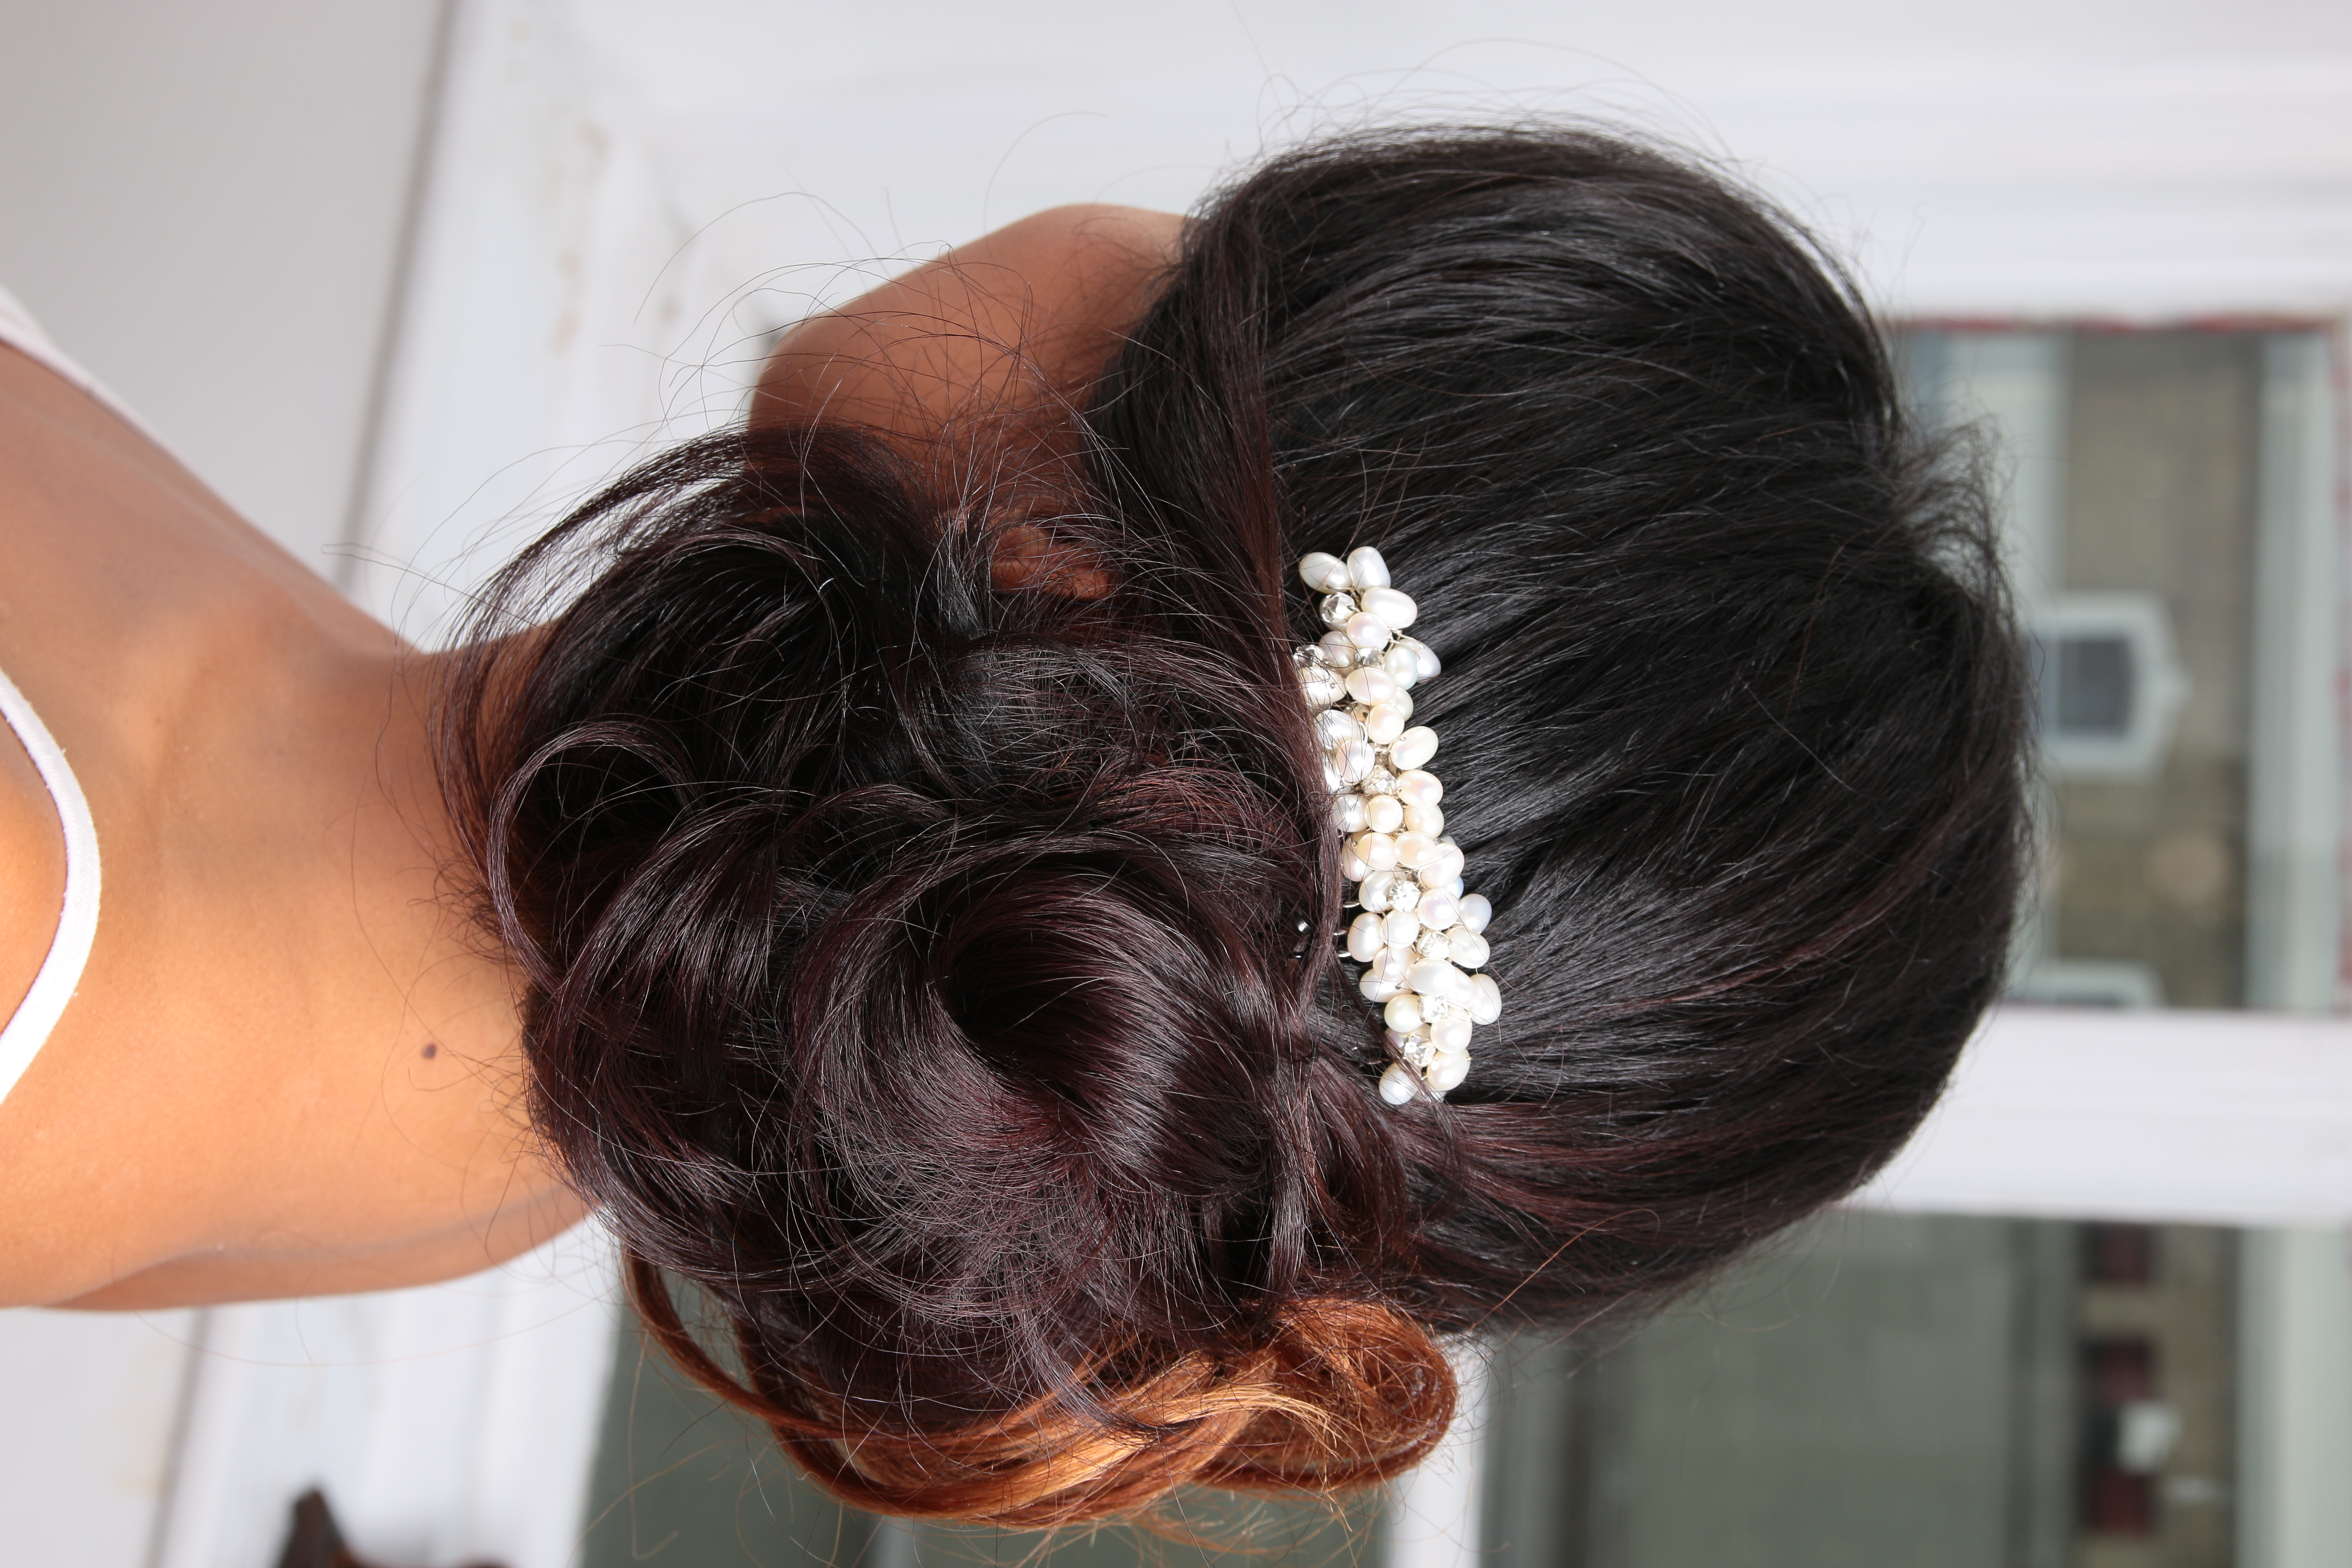 Dressed Hair